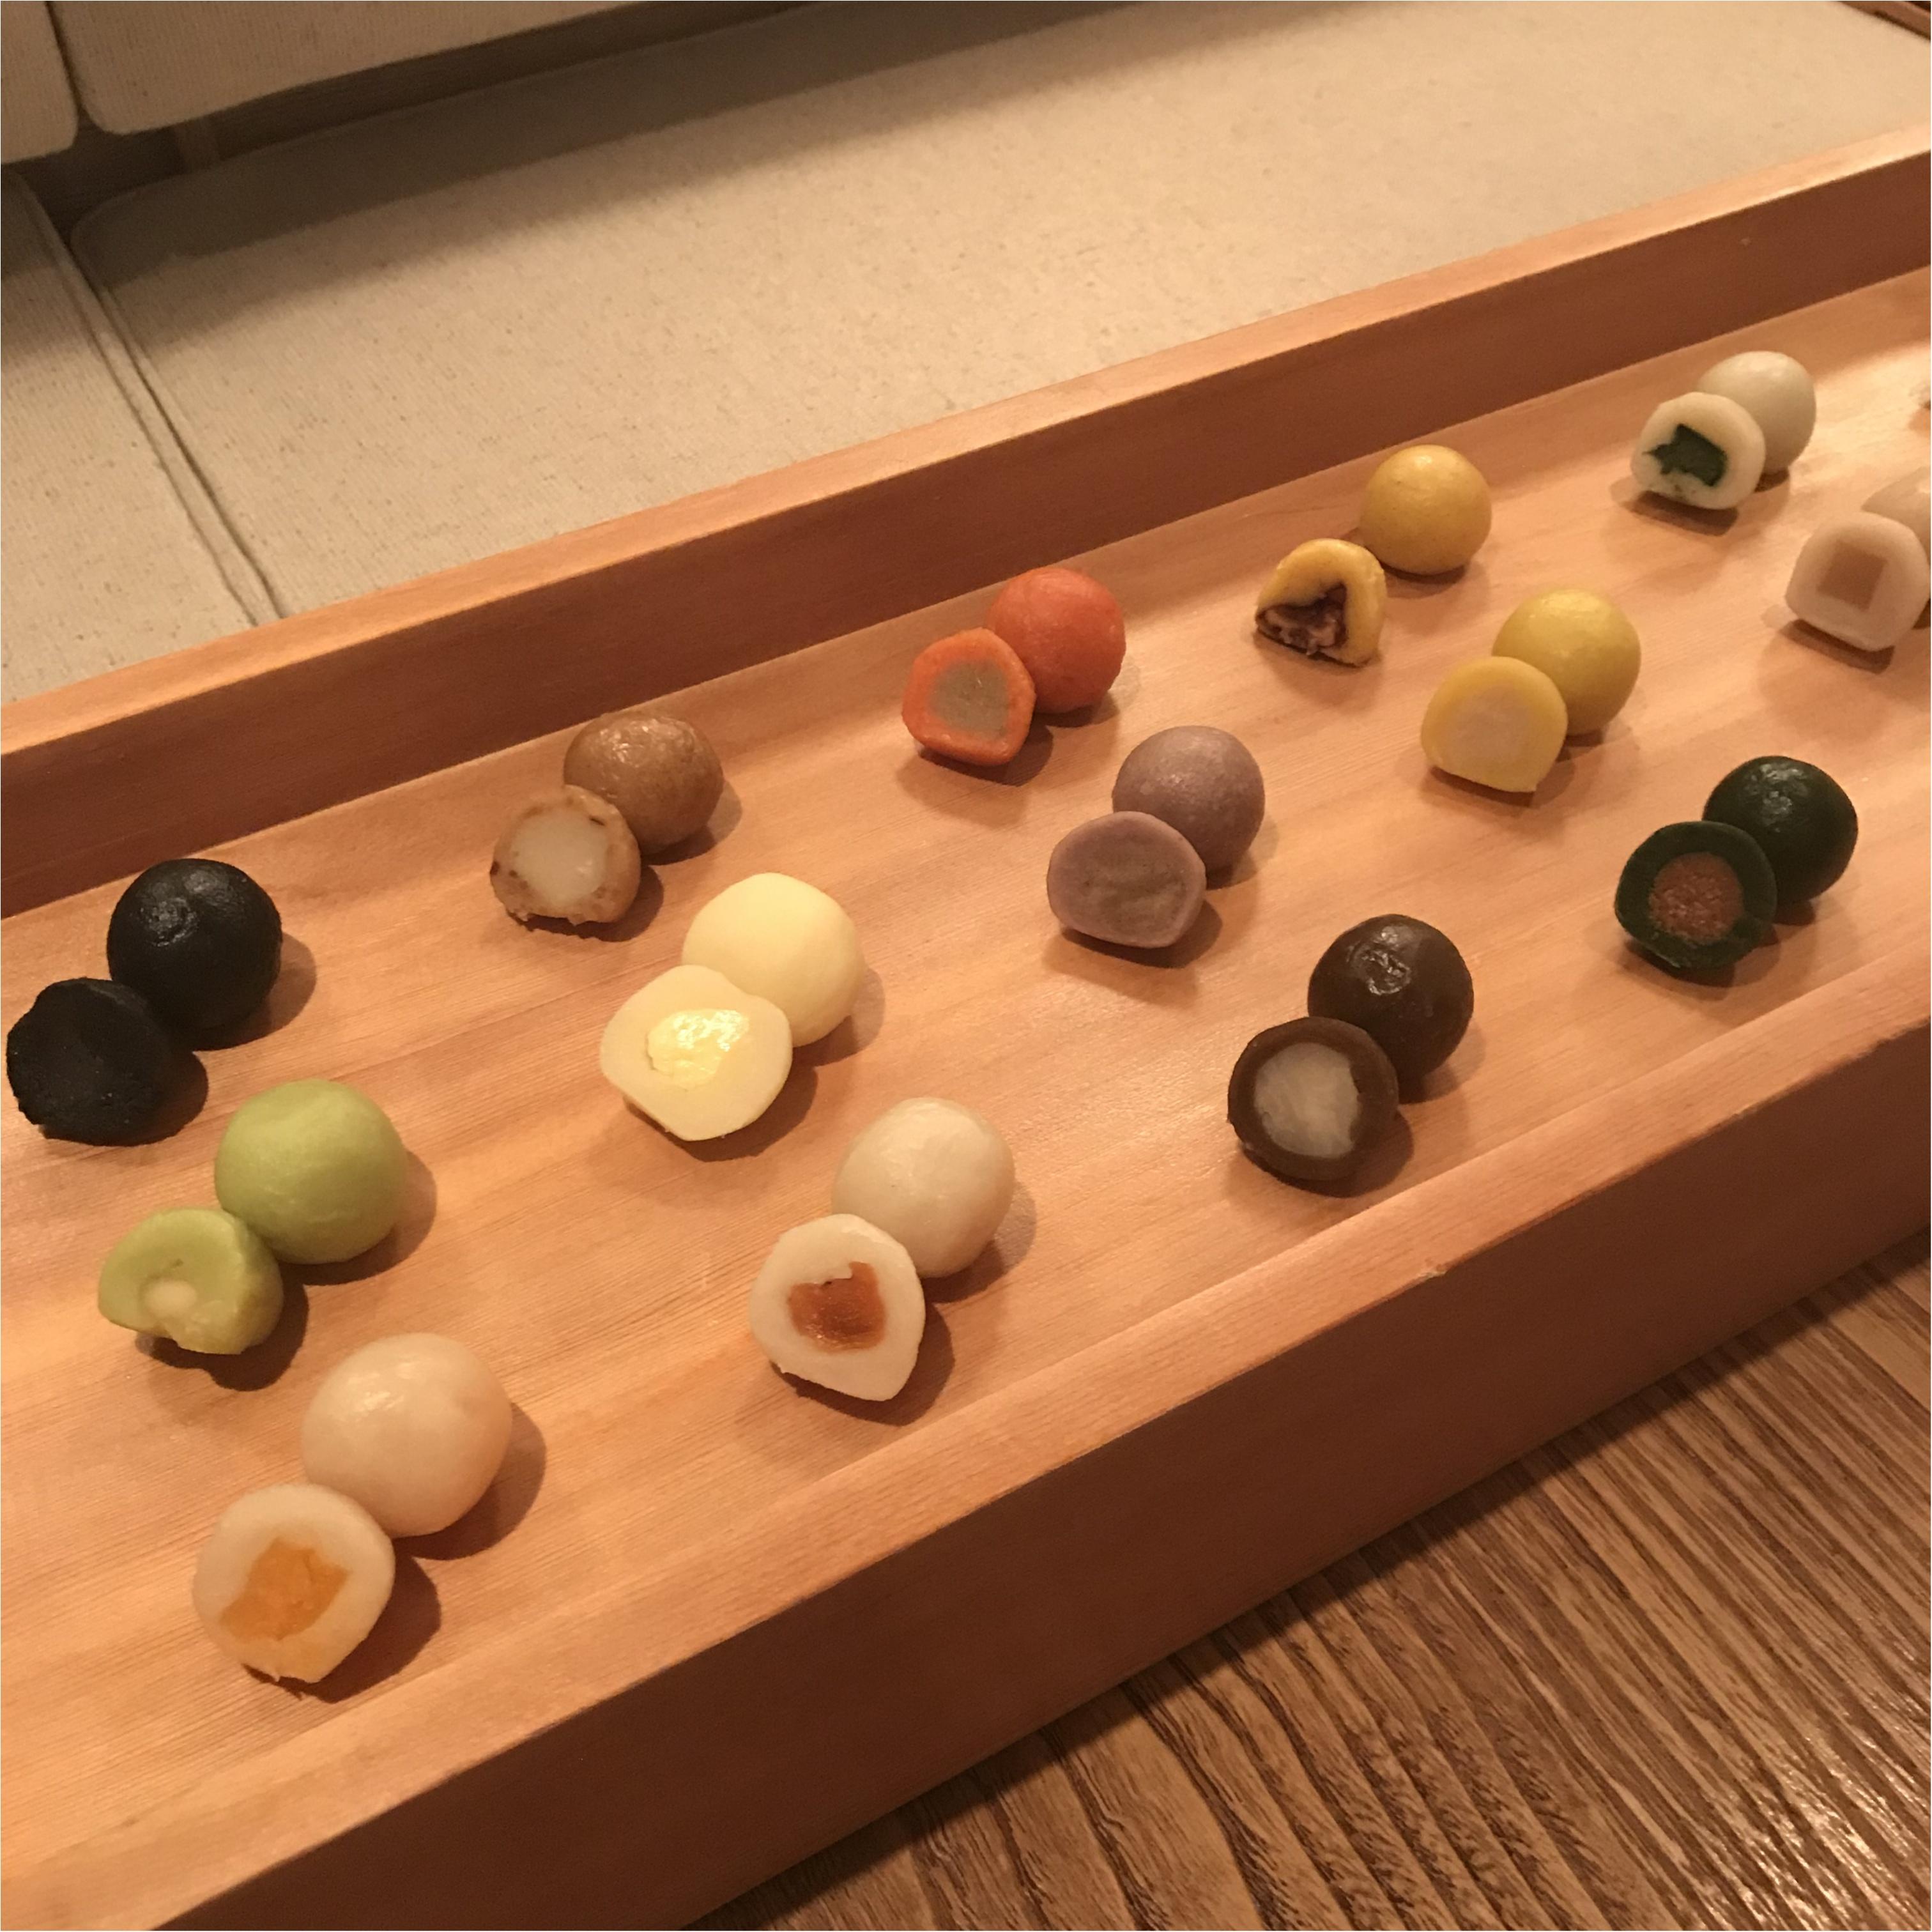 ギフトにも最適の素敵和菓子♡ 『HIGASHIYA GINZA』の新商品お披露目会レポ_5